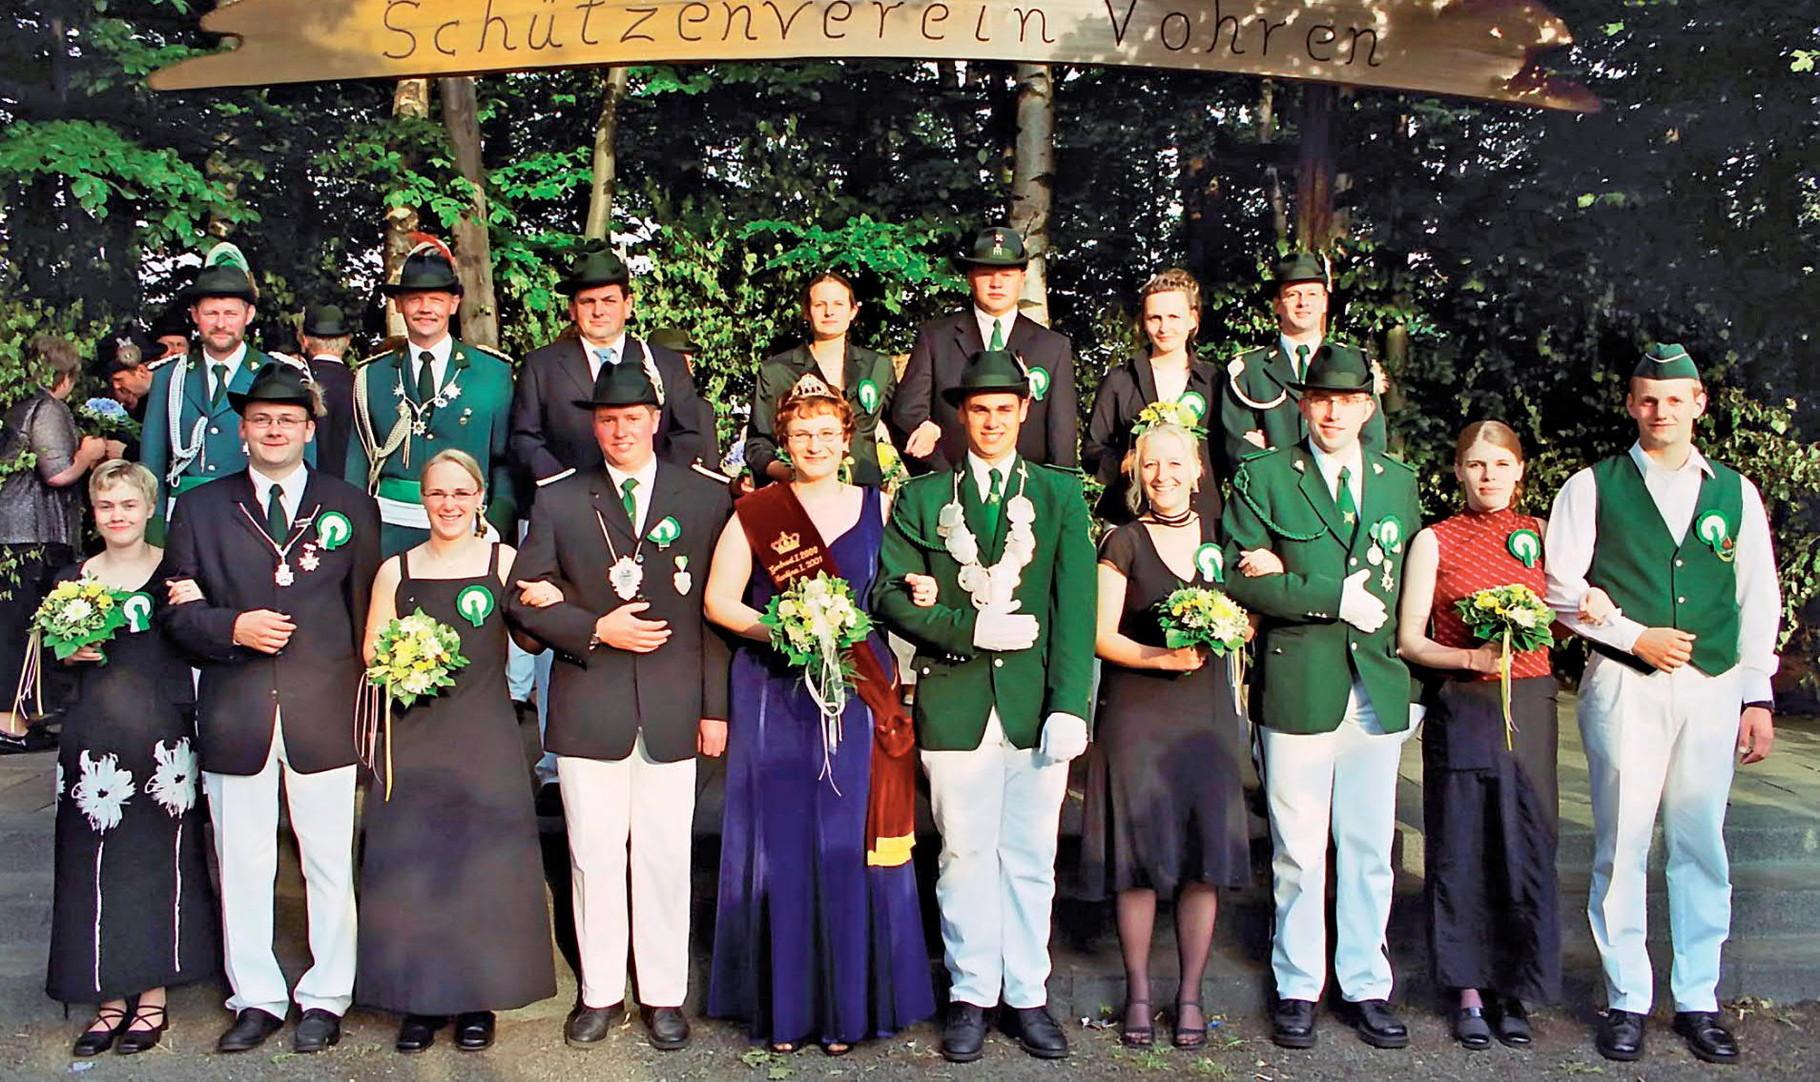 2002: König Stefan Haverkamp und Königin Sandra Junker